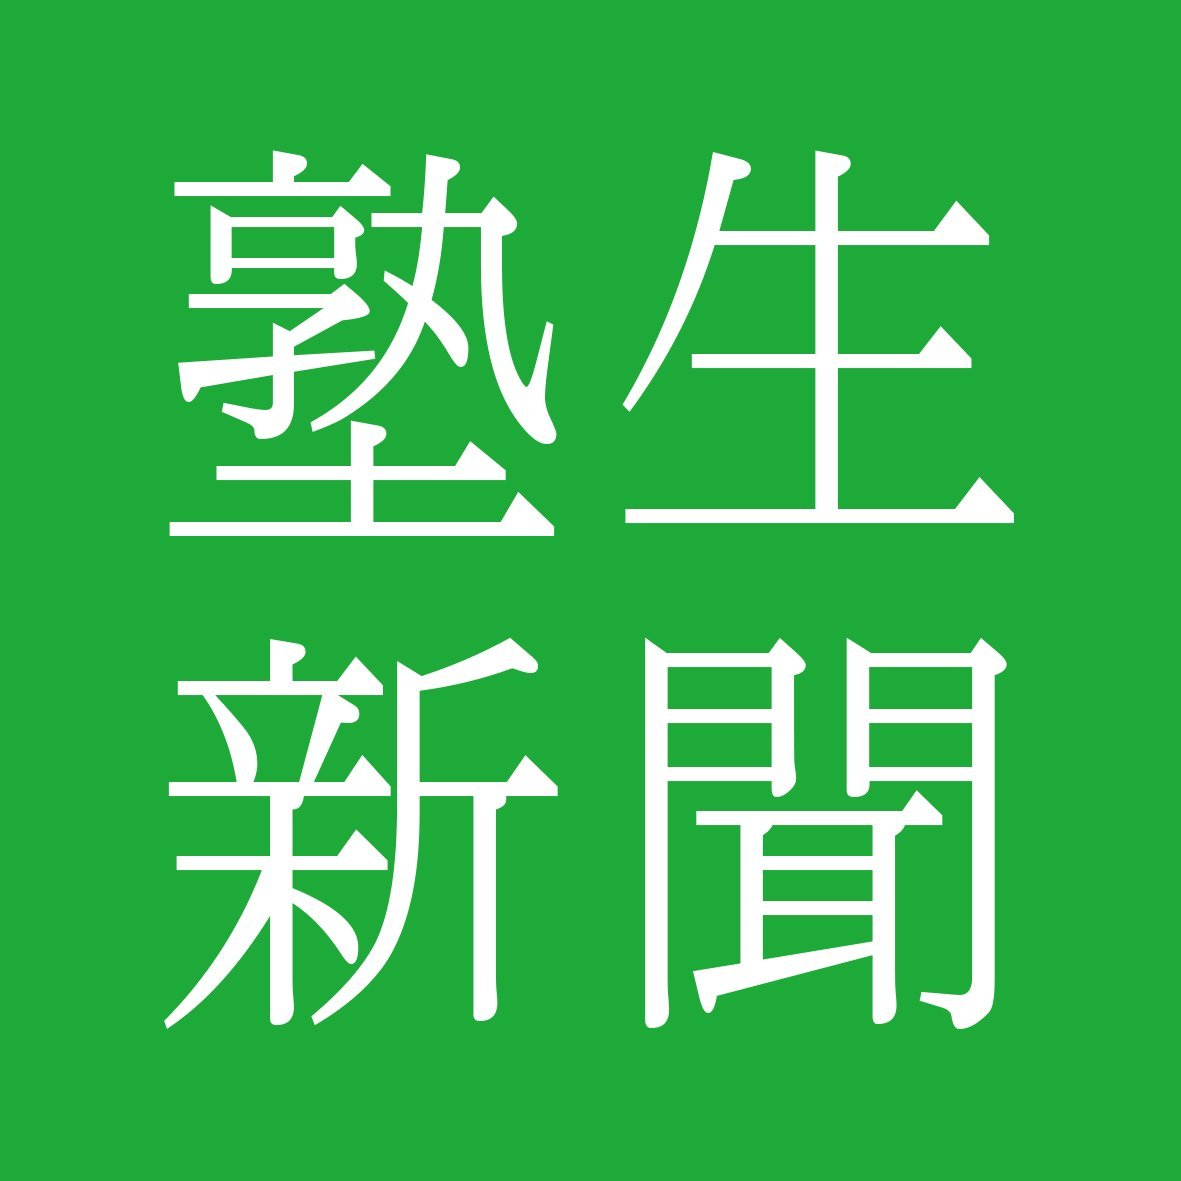 【塾生新聞】 今年度ミスコン中止 運営団体の解散処分受け https://t.co/aNKyQuvH1y #keio_univ #keio #慶應 https://t.co/zEWeCq2HGz